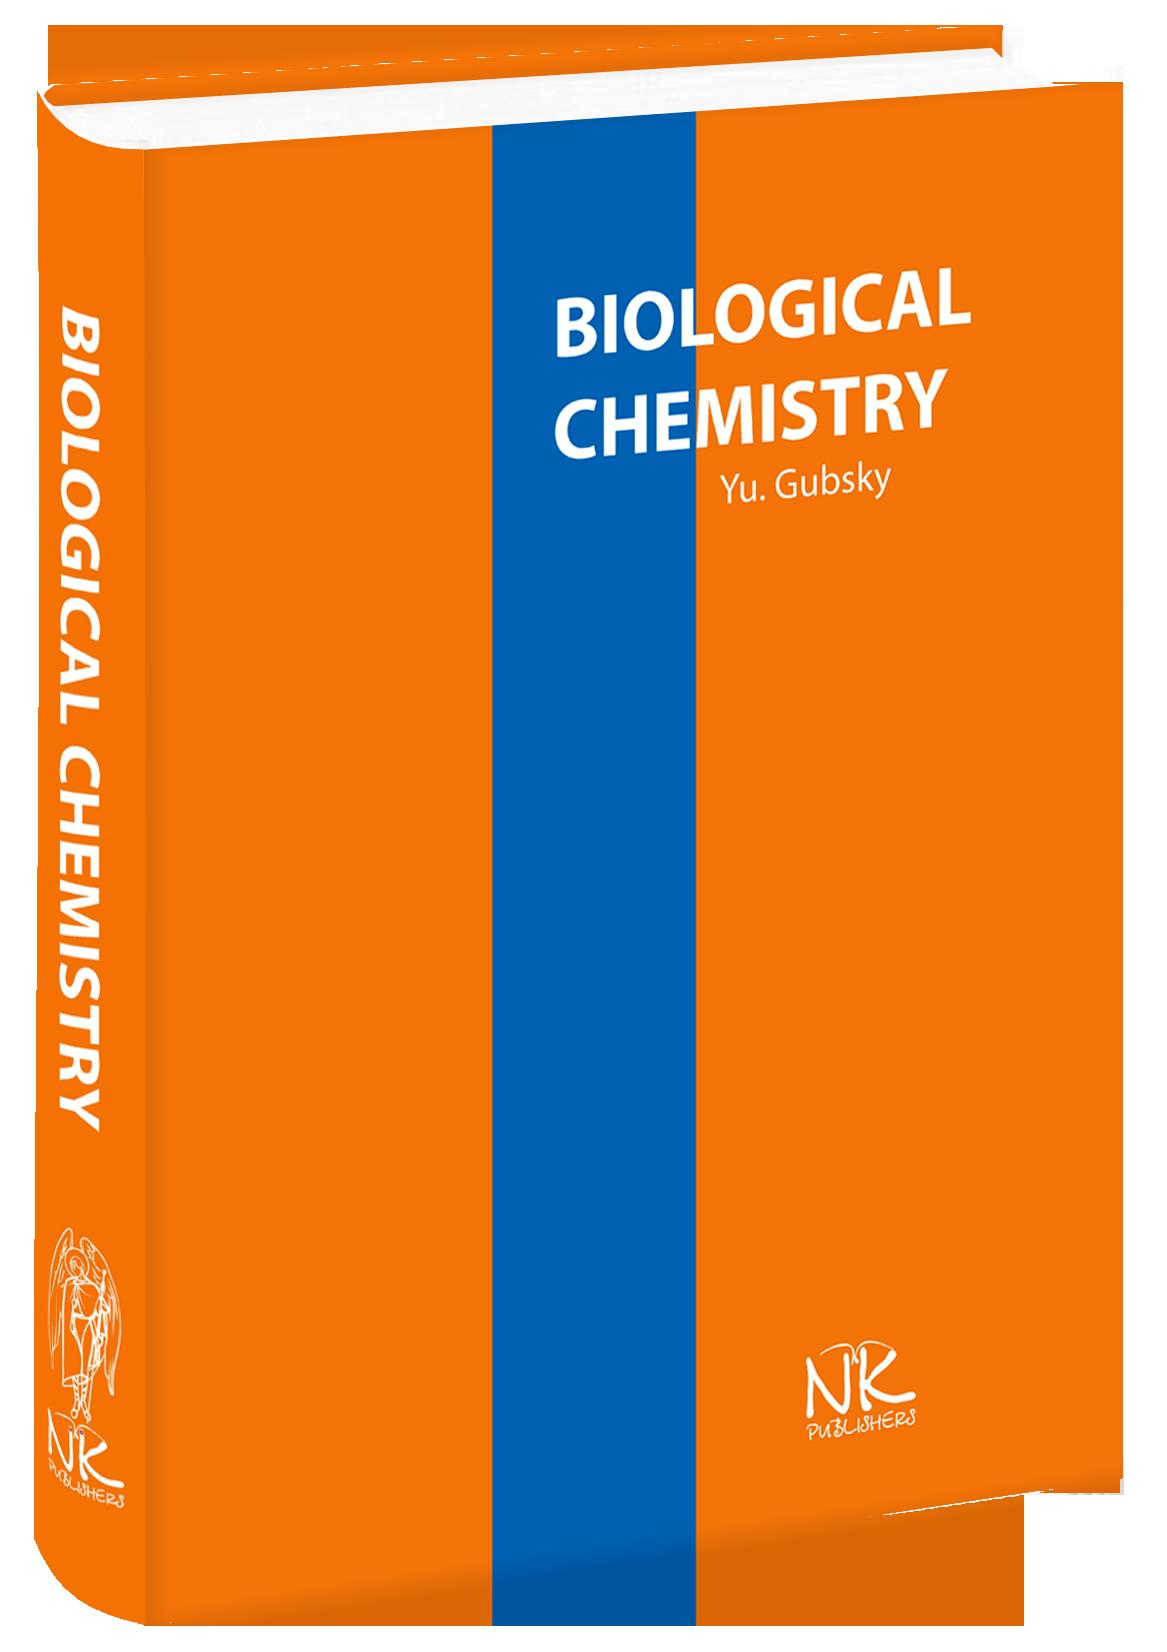 Biological chemistry=Біологічна хімія